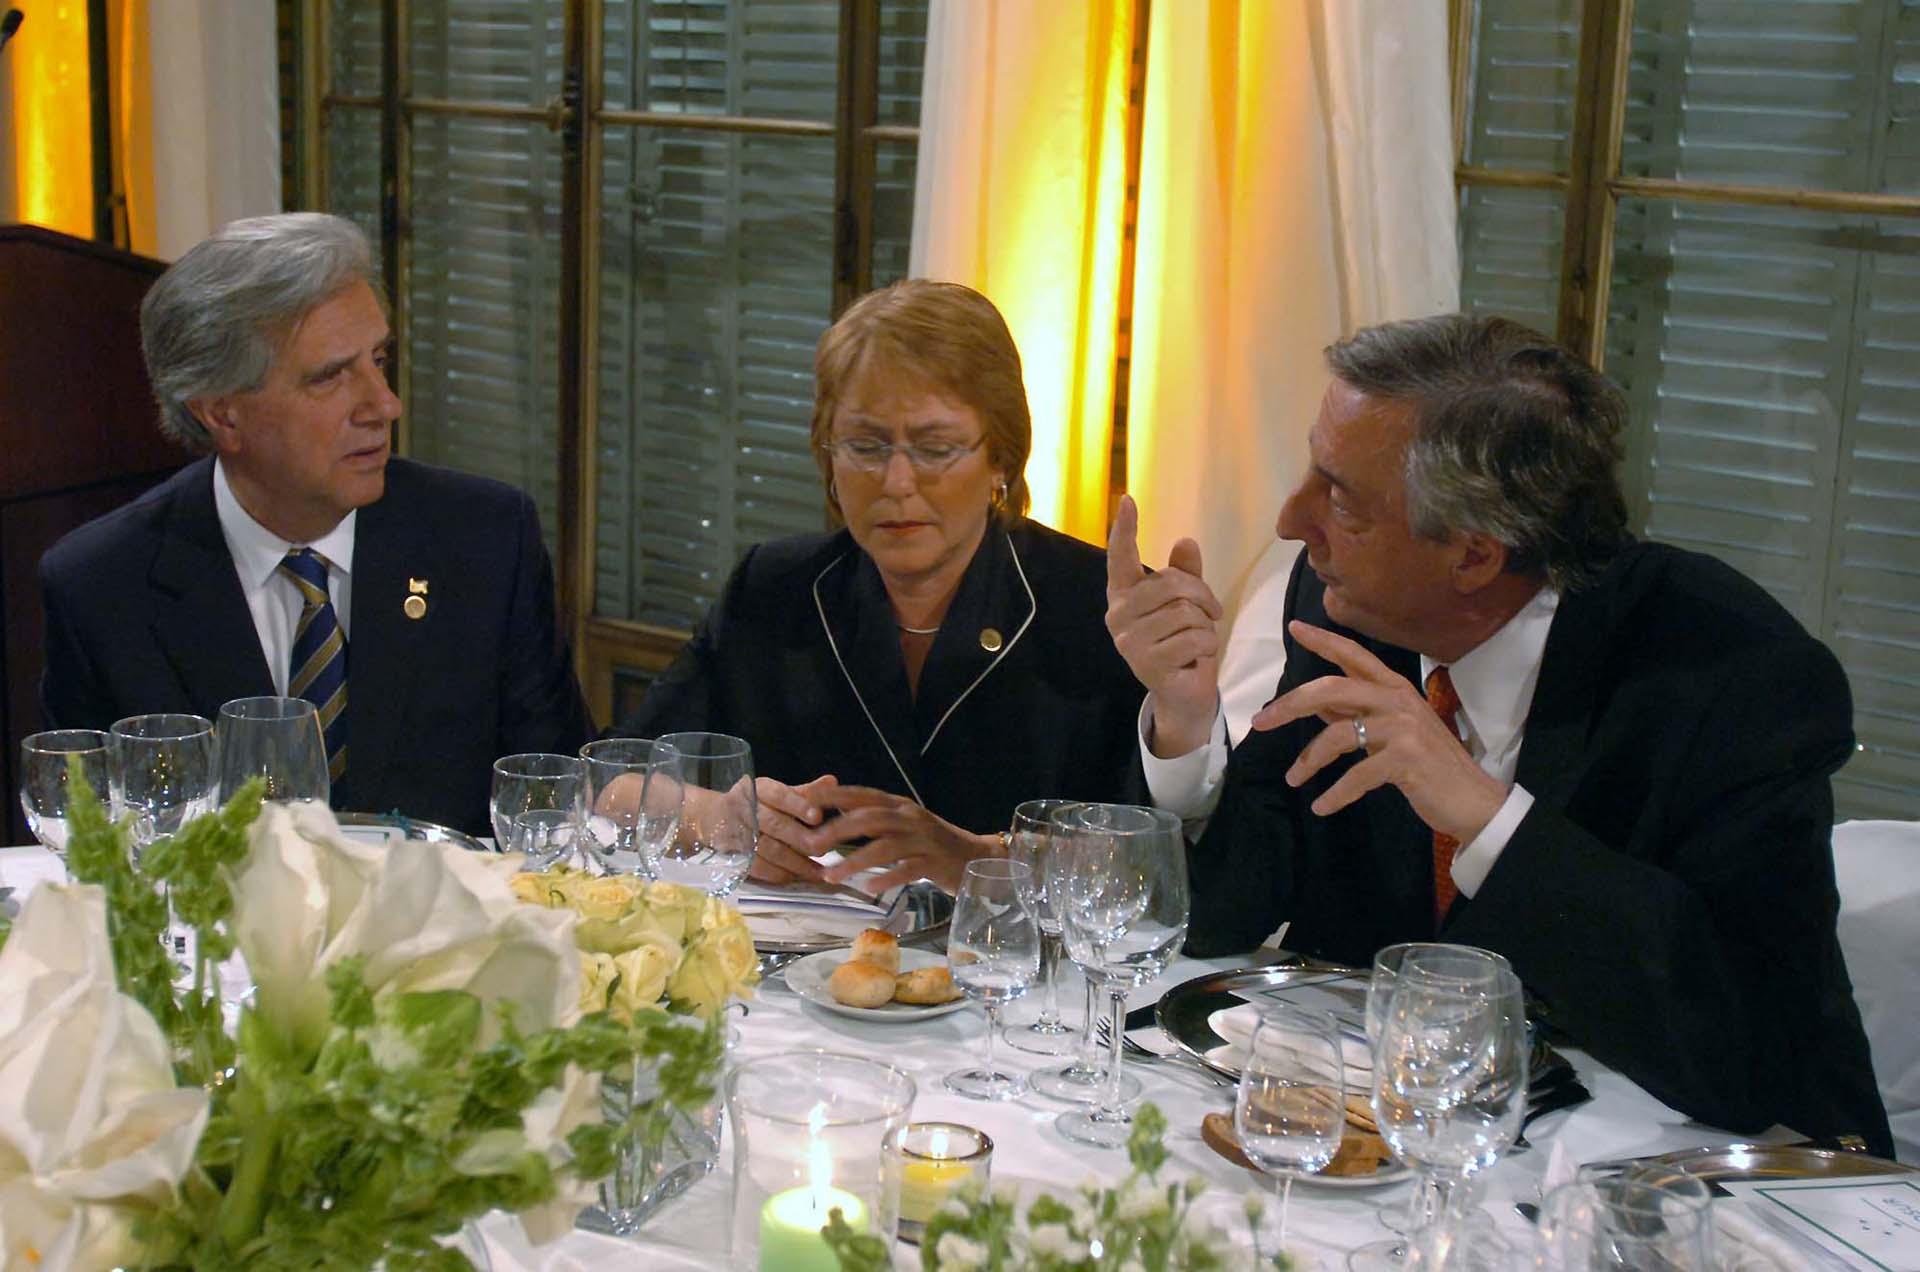 El presidente Néstor Kirchner conversa con su par uruguayo, Tabaré Vázquez, y con la presidenta de Chile, Michelle Bachelet, en el marco de la Cumbre del Mercosur.